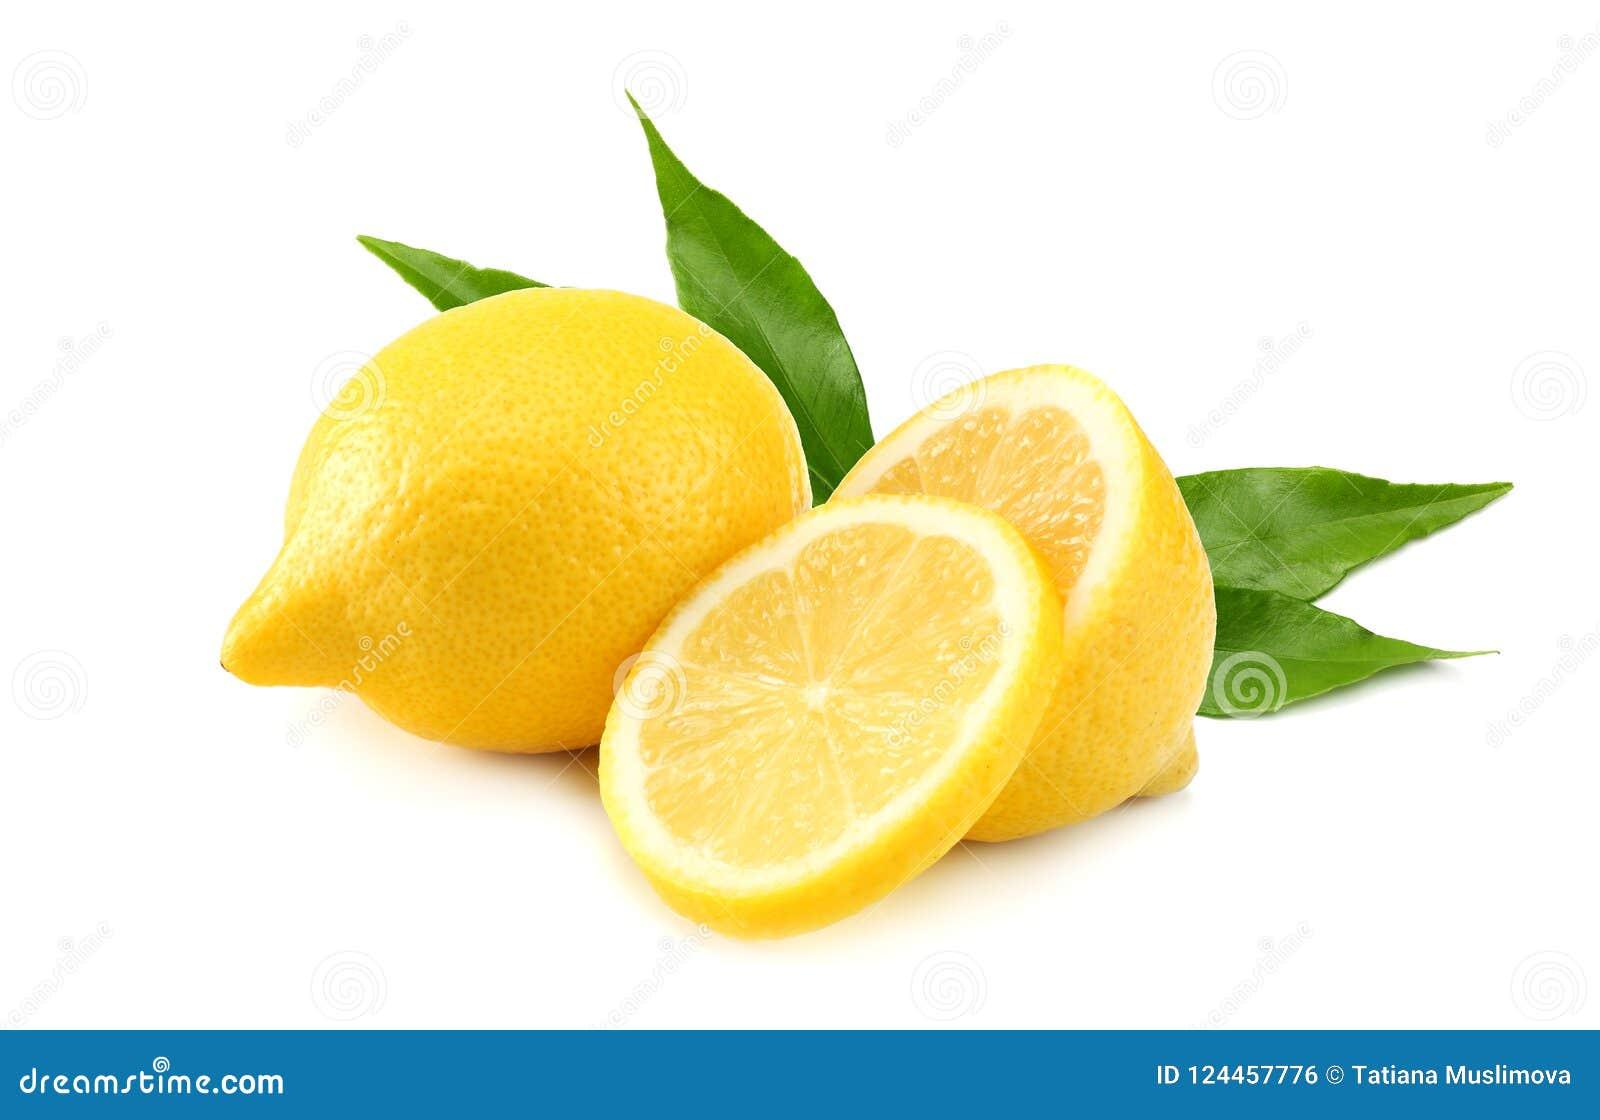 Alimento sano limón con las rebanadas y la hoja verde aisladas en el fondo blanco